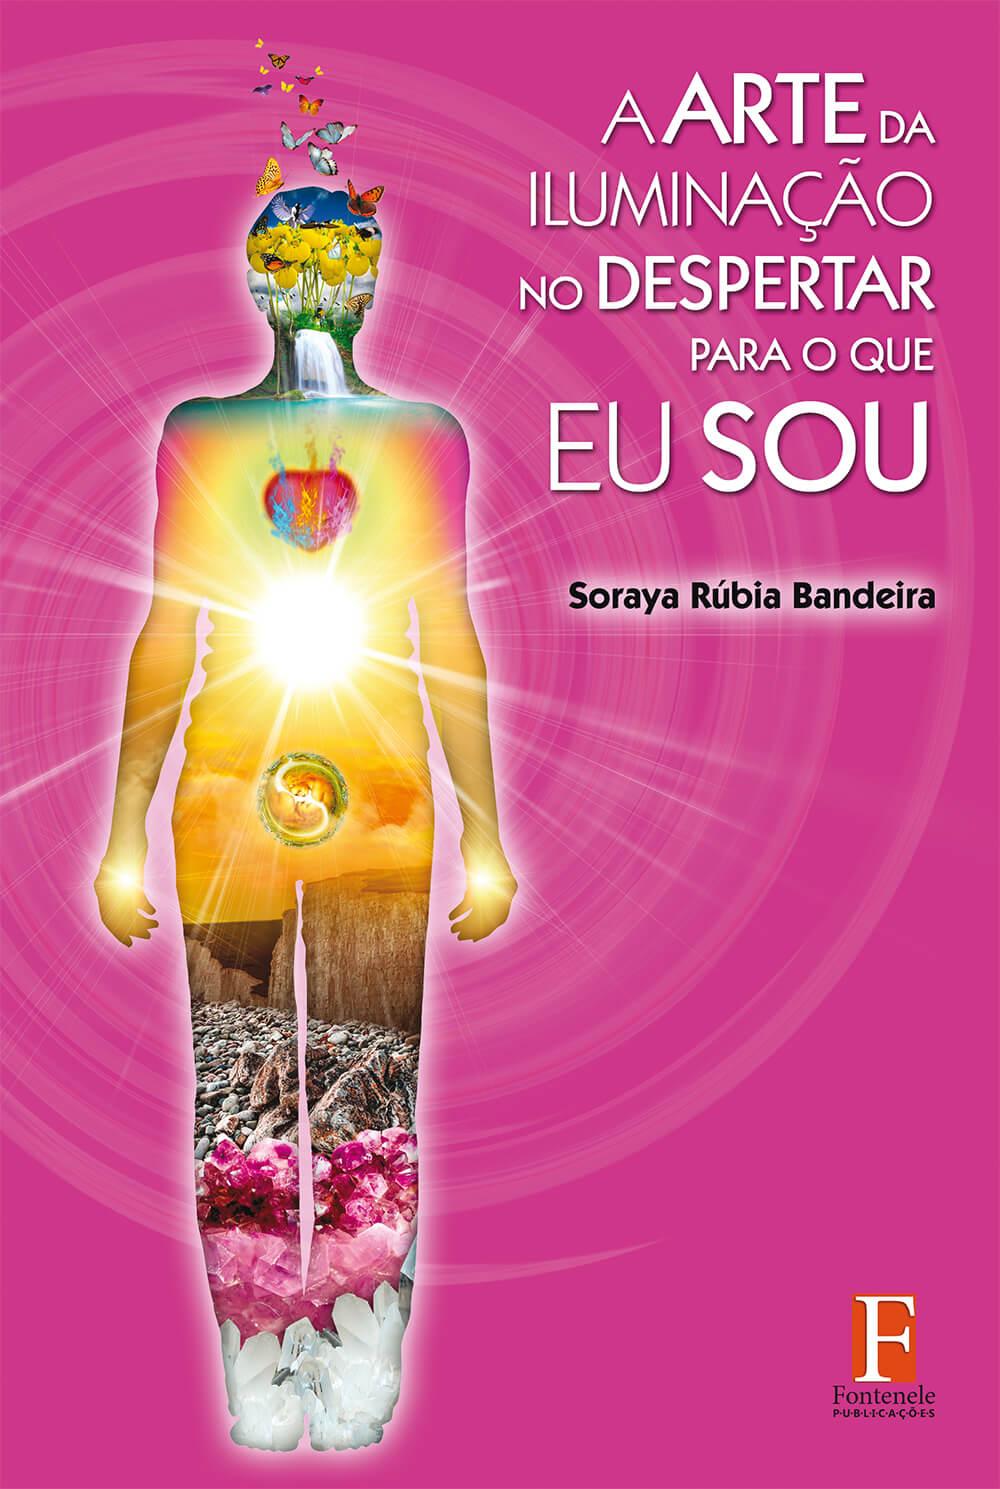 Fontenele Publicações / 11 95150-3481 / 11  95150-4383 A arte da iluminação do despertar para o que Eu Sou